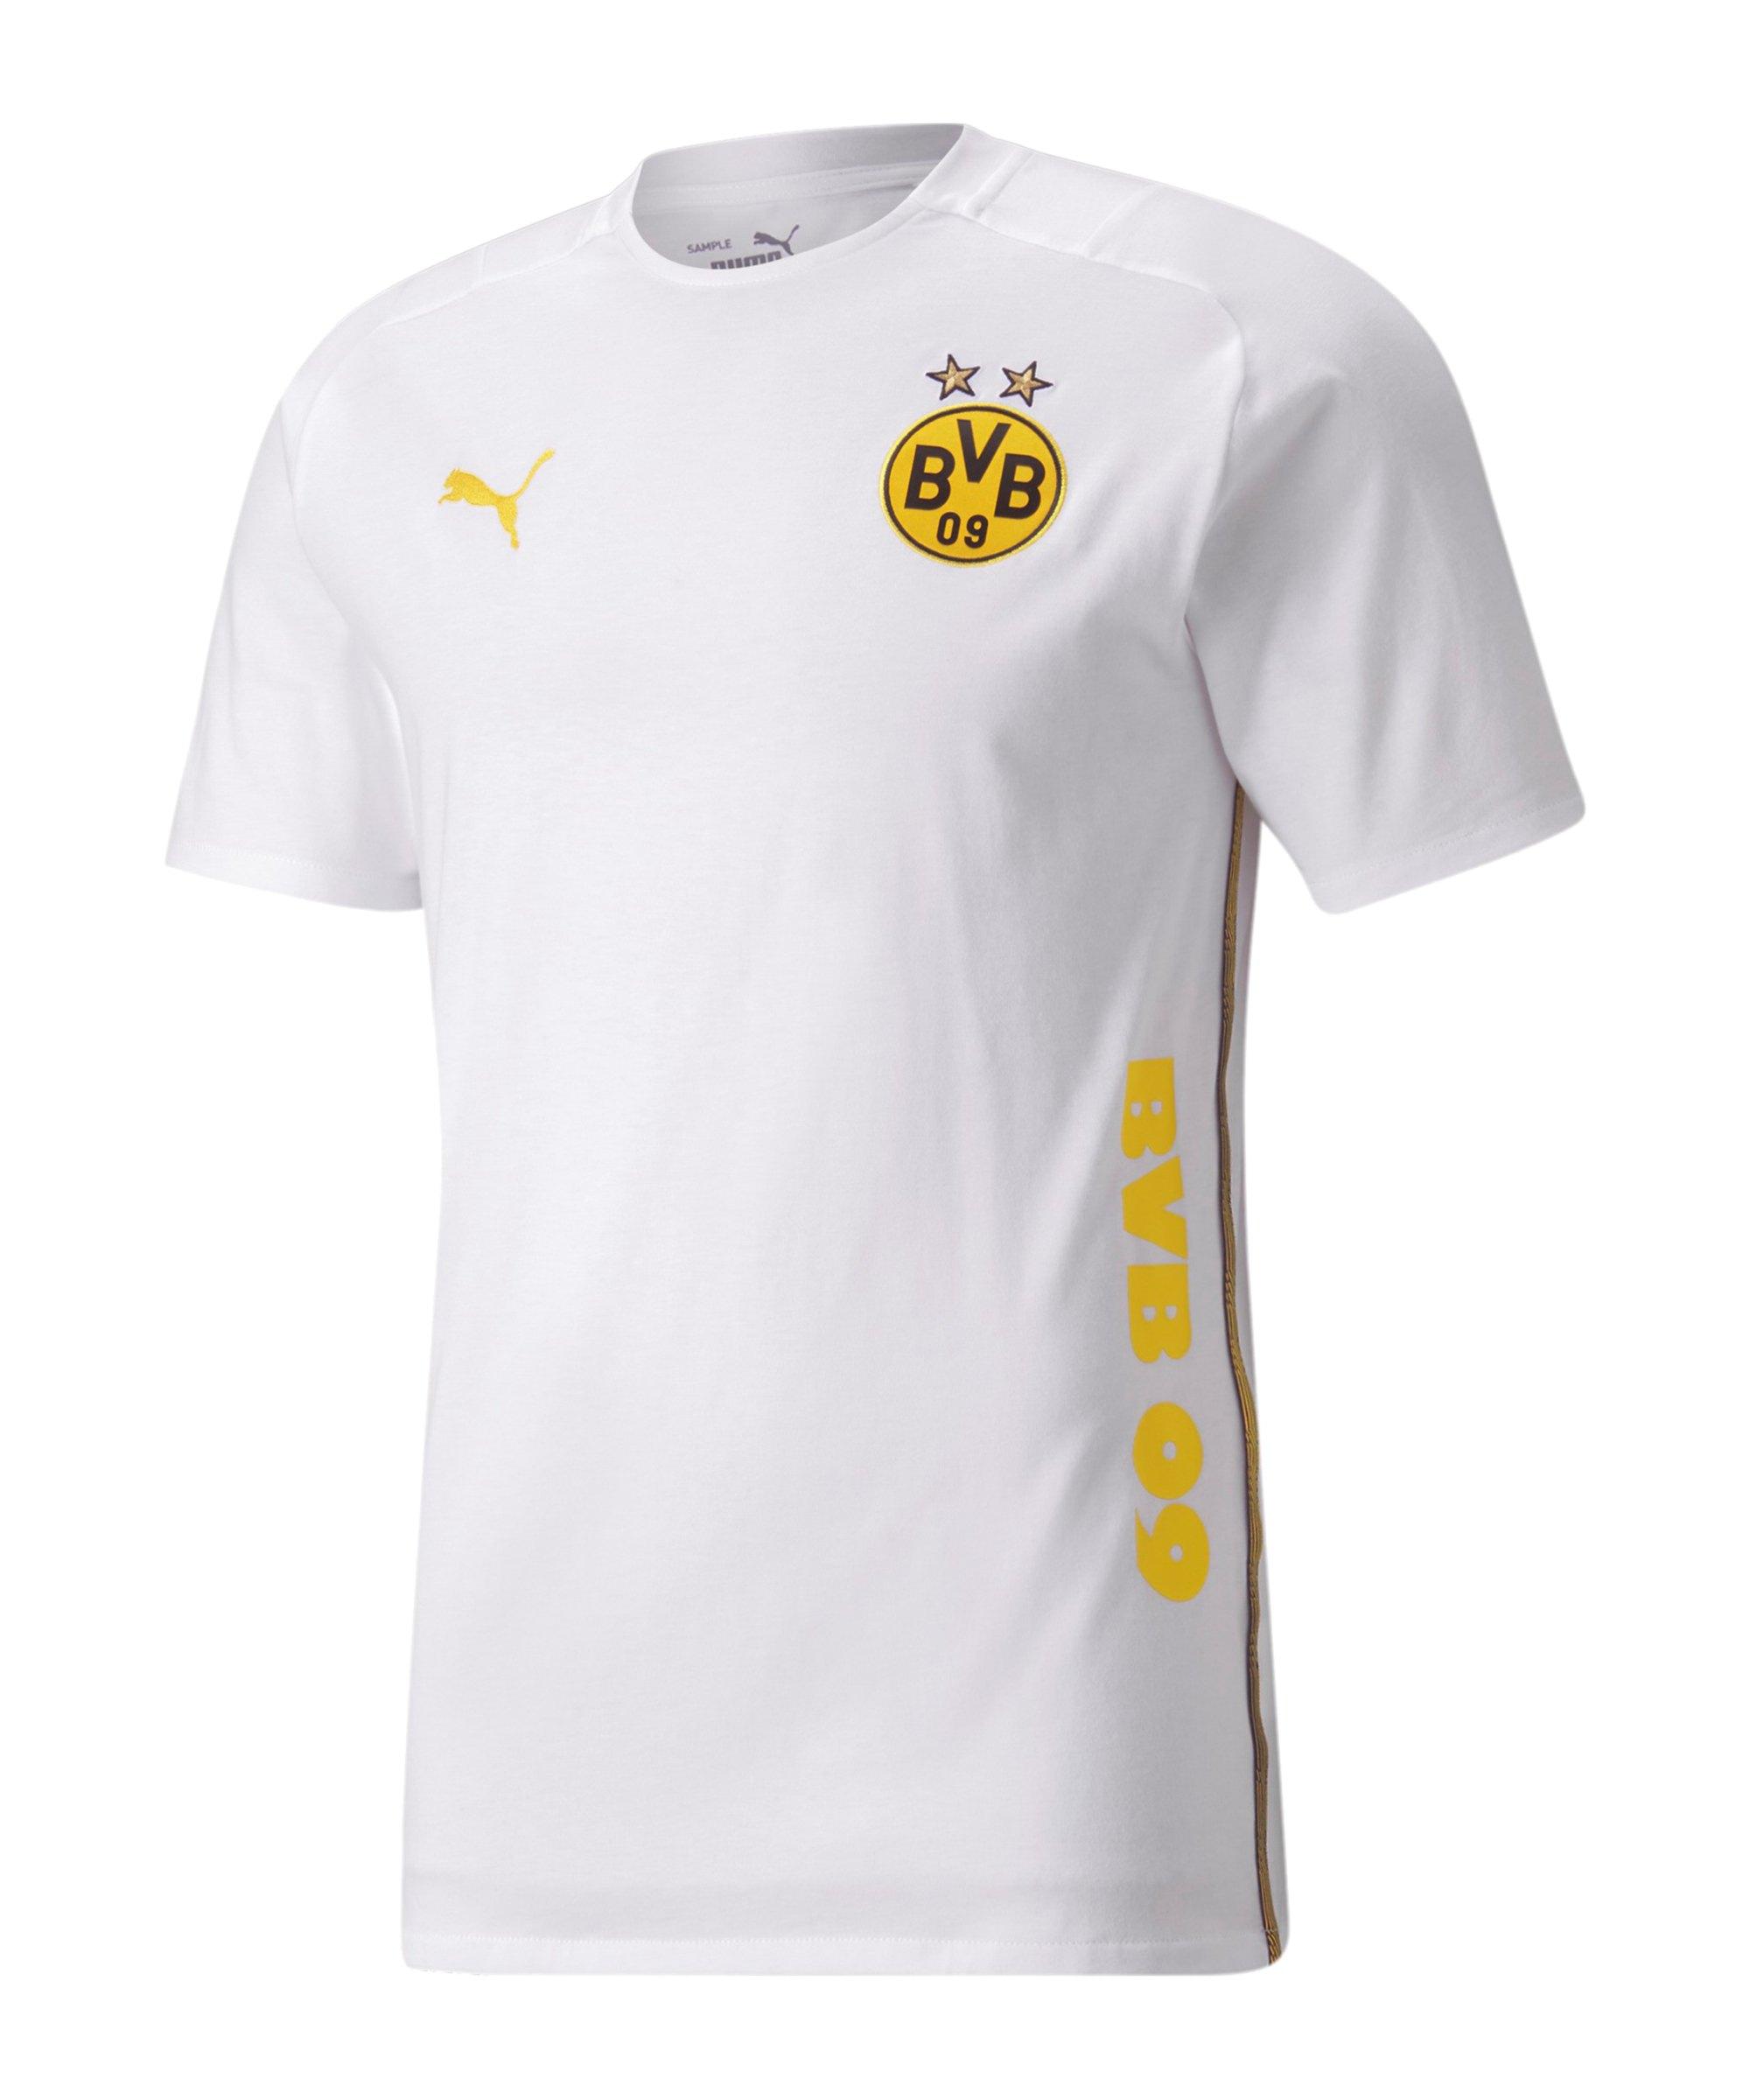 PUMA BVB Dortmund Casuals T-Shirt Weiss F08 - weiss